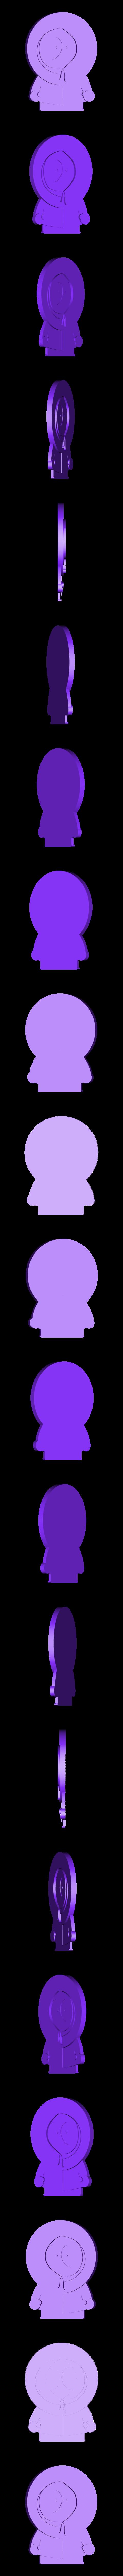 Kenny_no_hanger.stl Télécharger fichier STL gratuit Stan, Kyle, Kenny et Cartman - Personnages de South Park • Modèle à imprimer en 3D, ChaosCoreTech